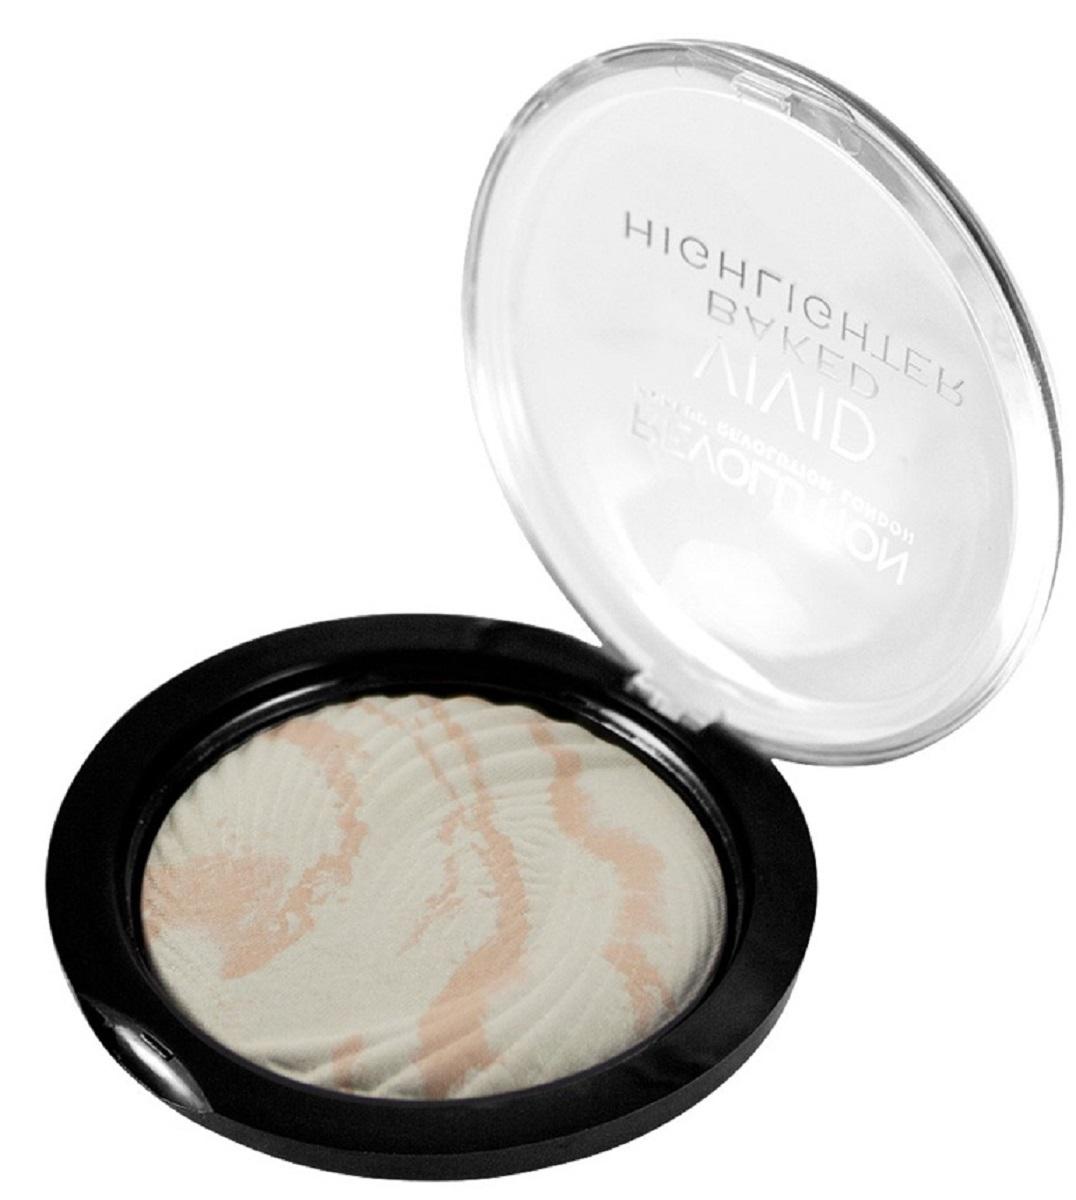 Makeup Revolution Хайлайтер Vivid Baked Highlighters Matte Lights